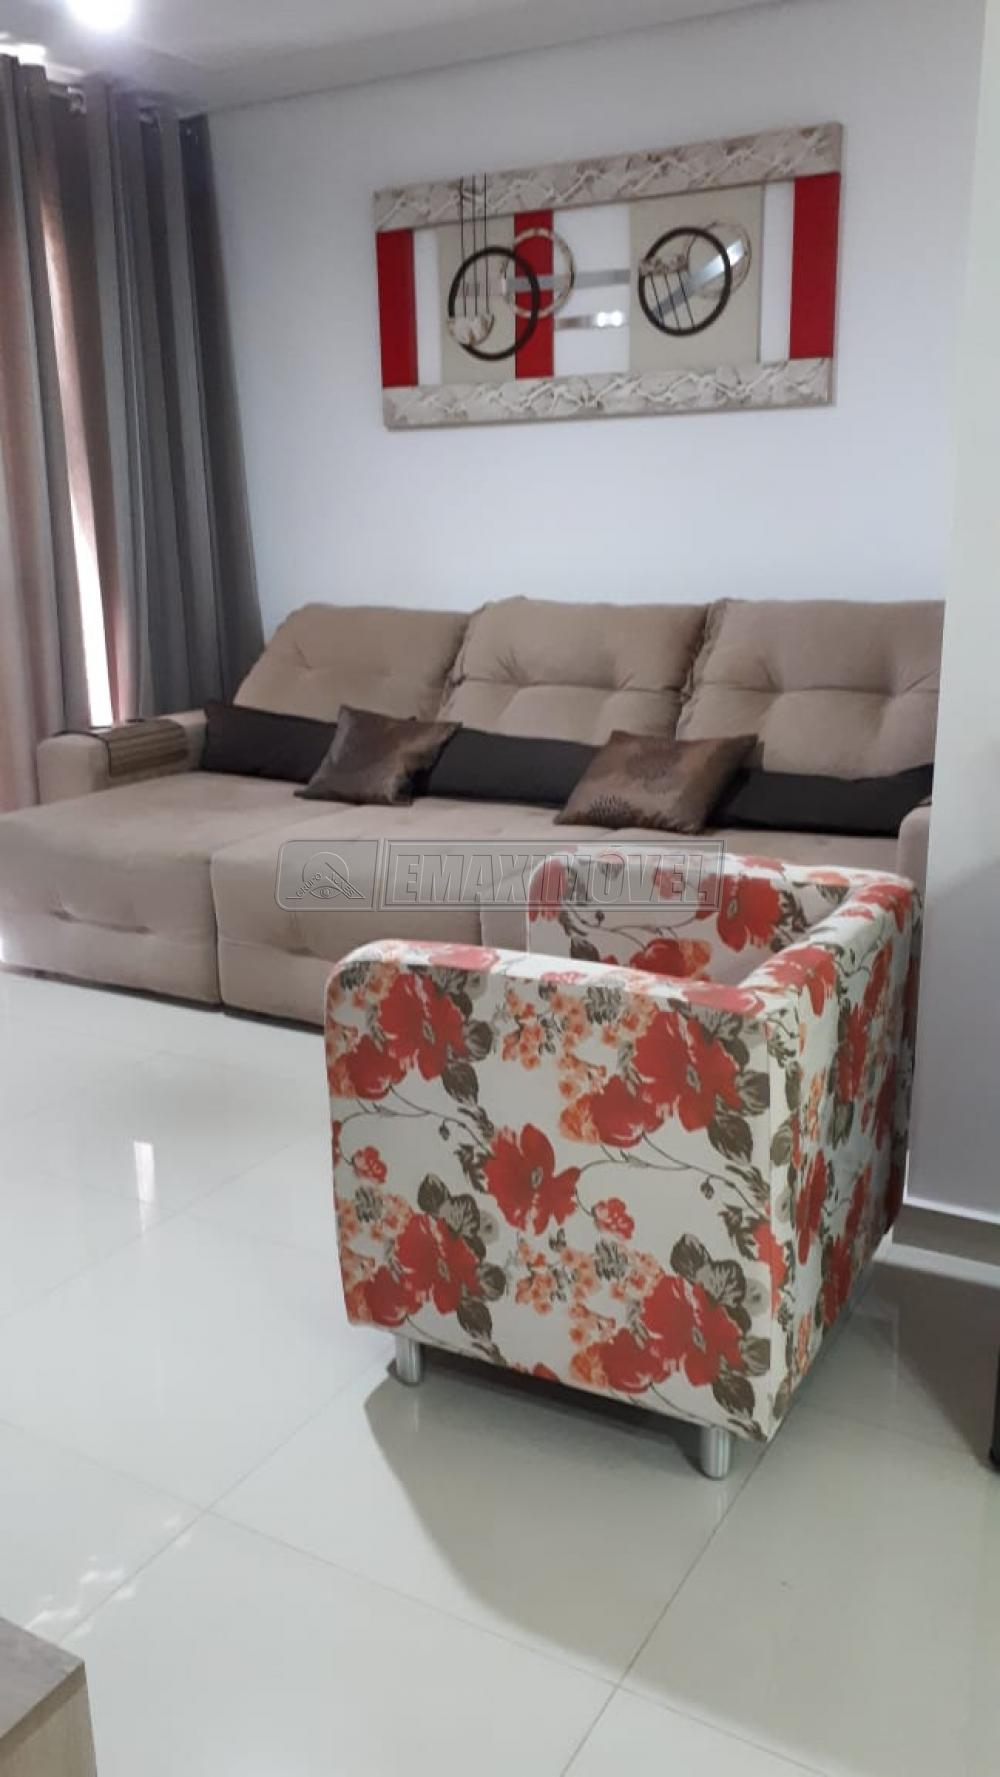 Comprar Apartamentos / Apto Padrão em Sorocaba apenas R$ 430.000,00 - Foto 3